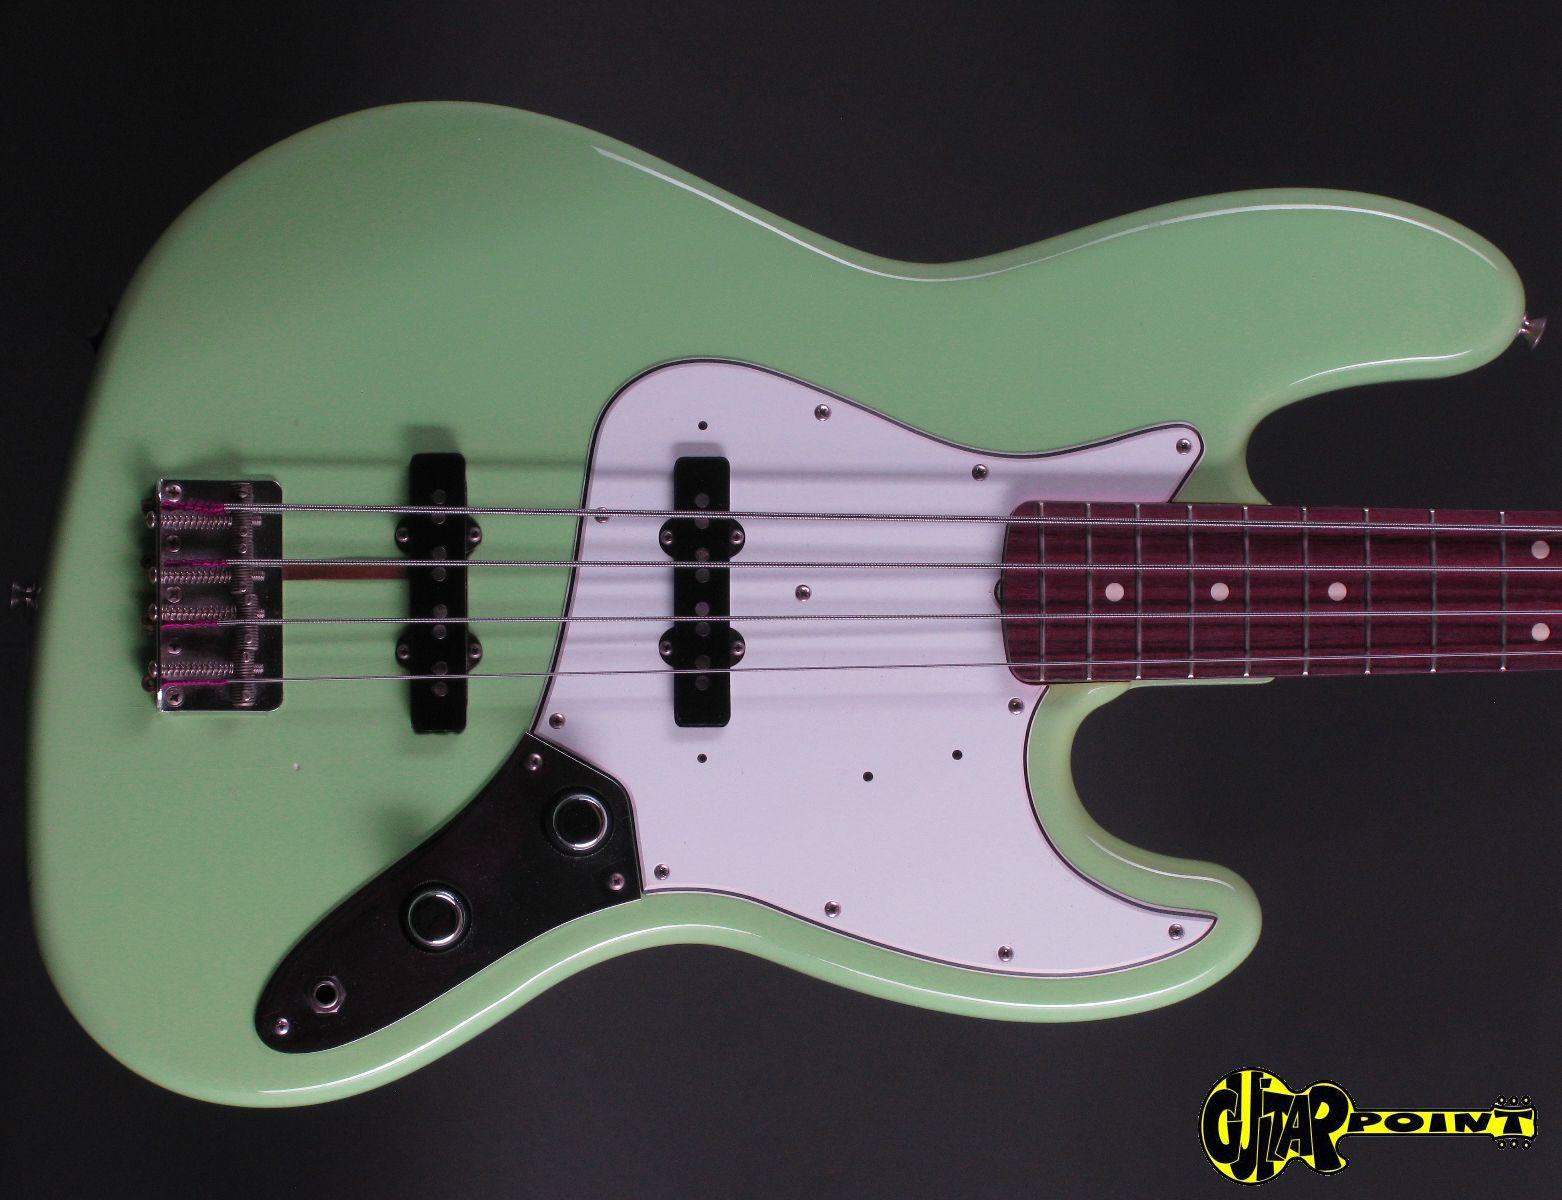 Fender vintage 62 jazz bass opinion